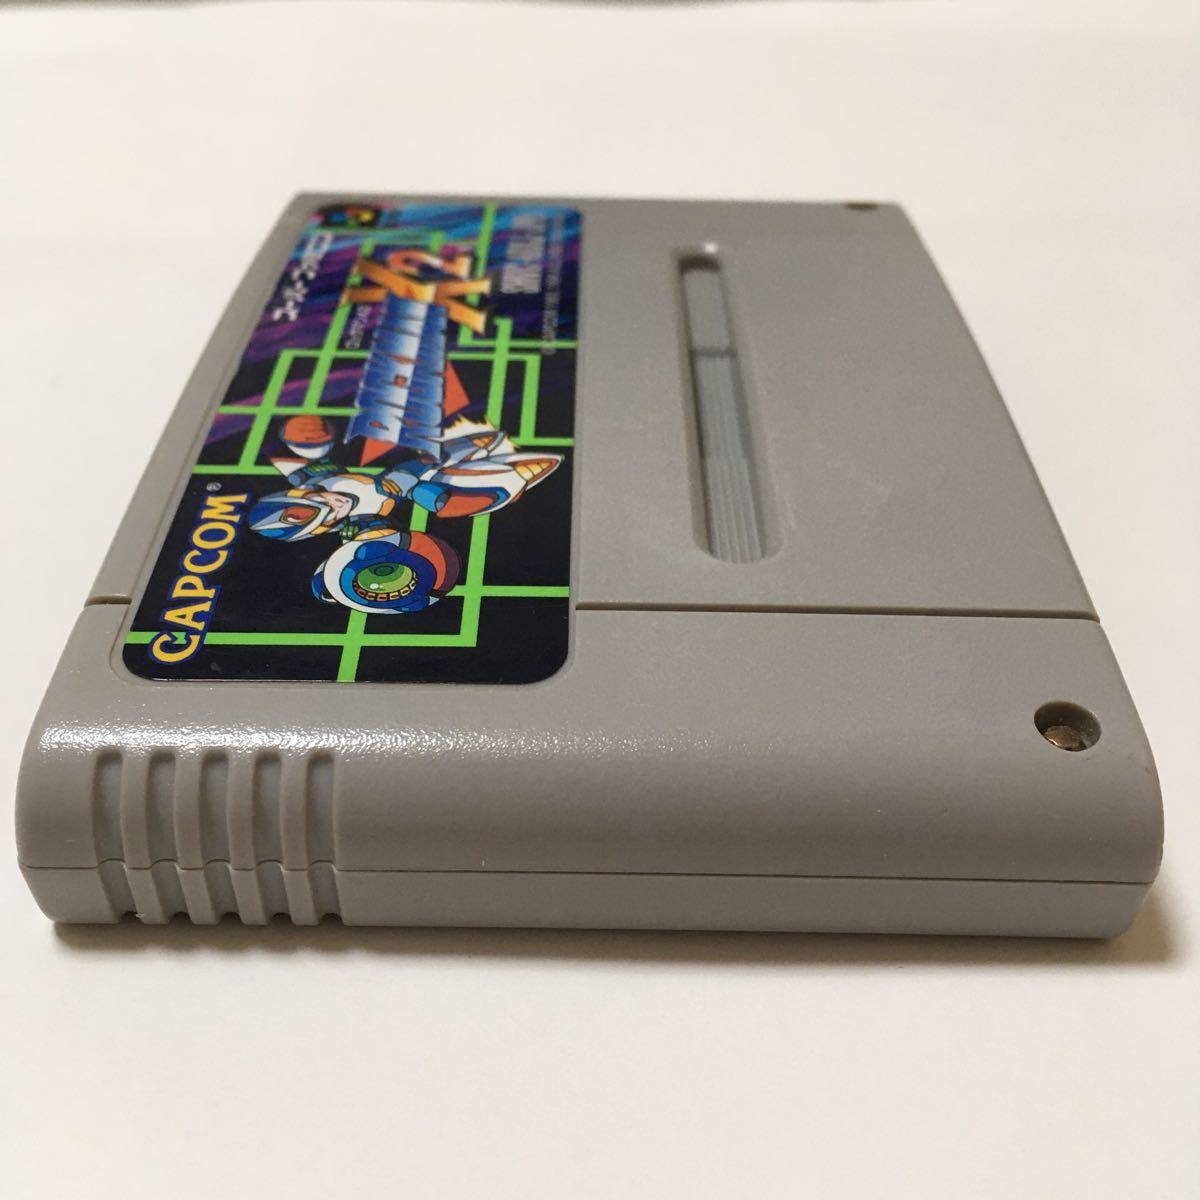 スーパーファミコン ソフト ロックマンX2 スーファミ SFC ロックマン 動作確認済み レトロ ゲーム 任天堂 カプコン 美品